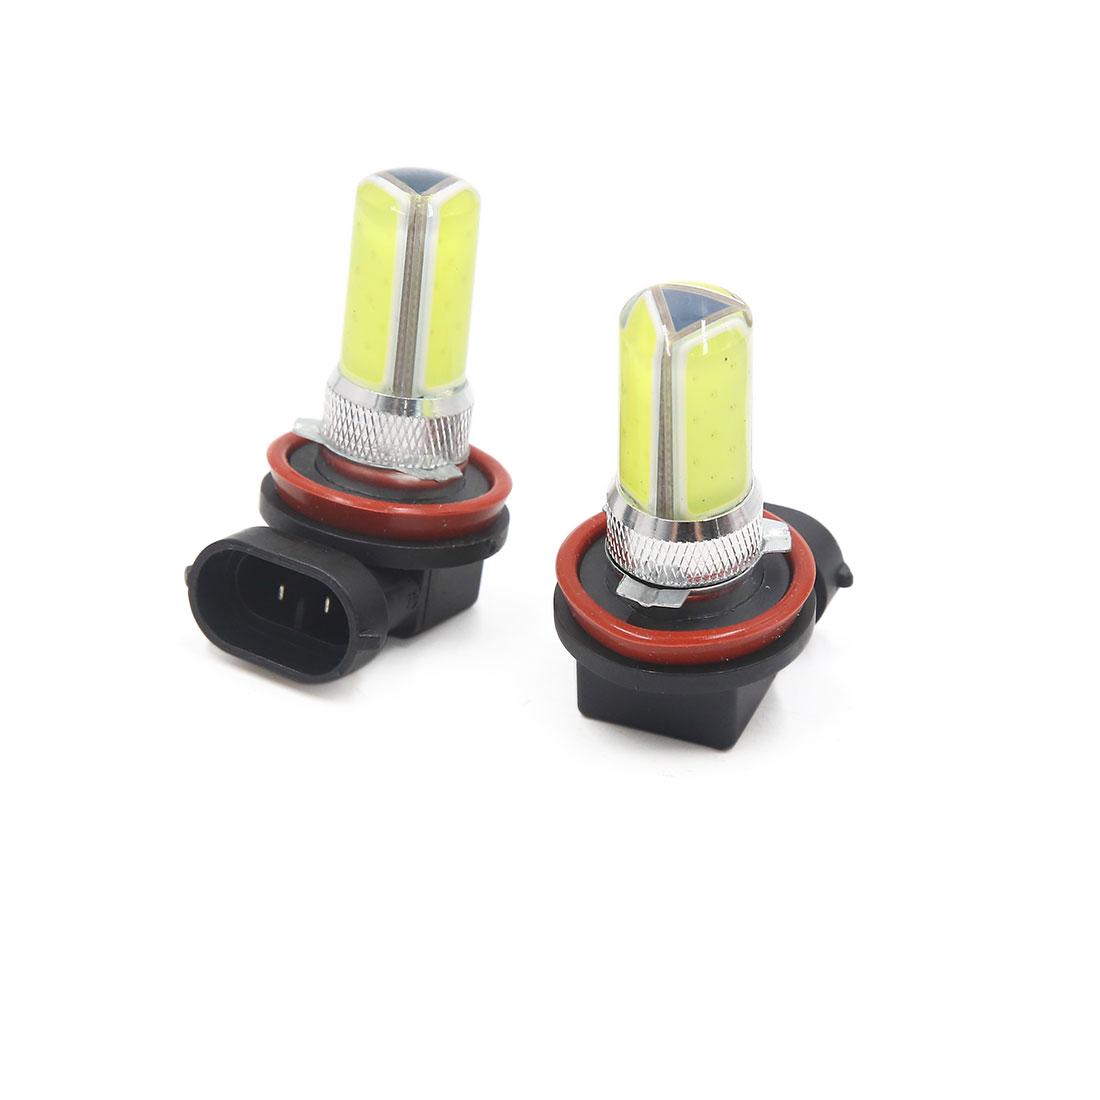 2pcs H11 3 White COB LED Fog Light Headlight Driving Lamp Bulb for Car Auto